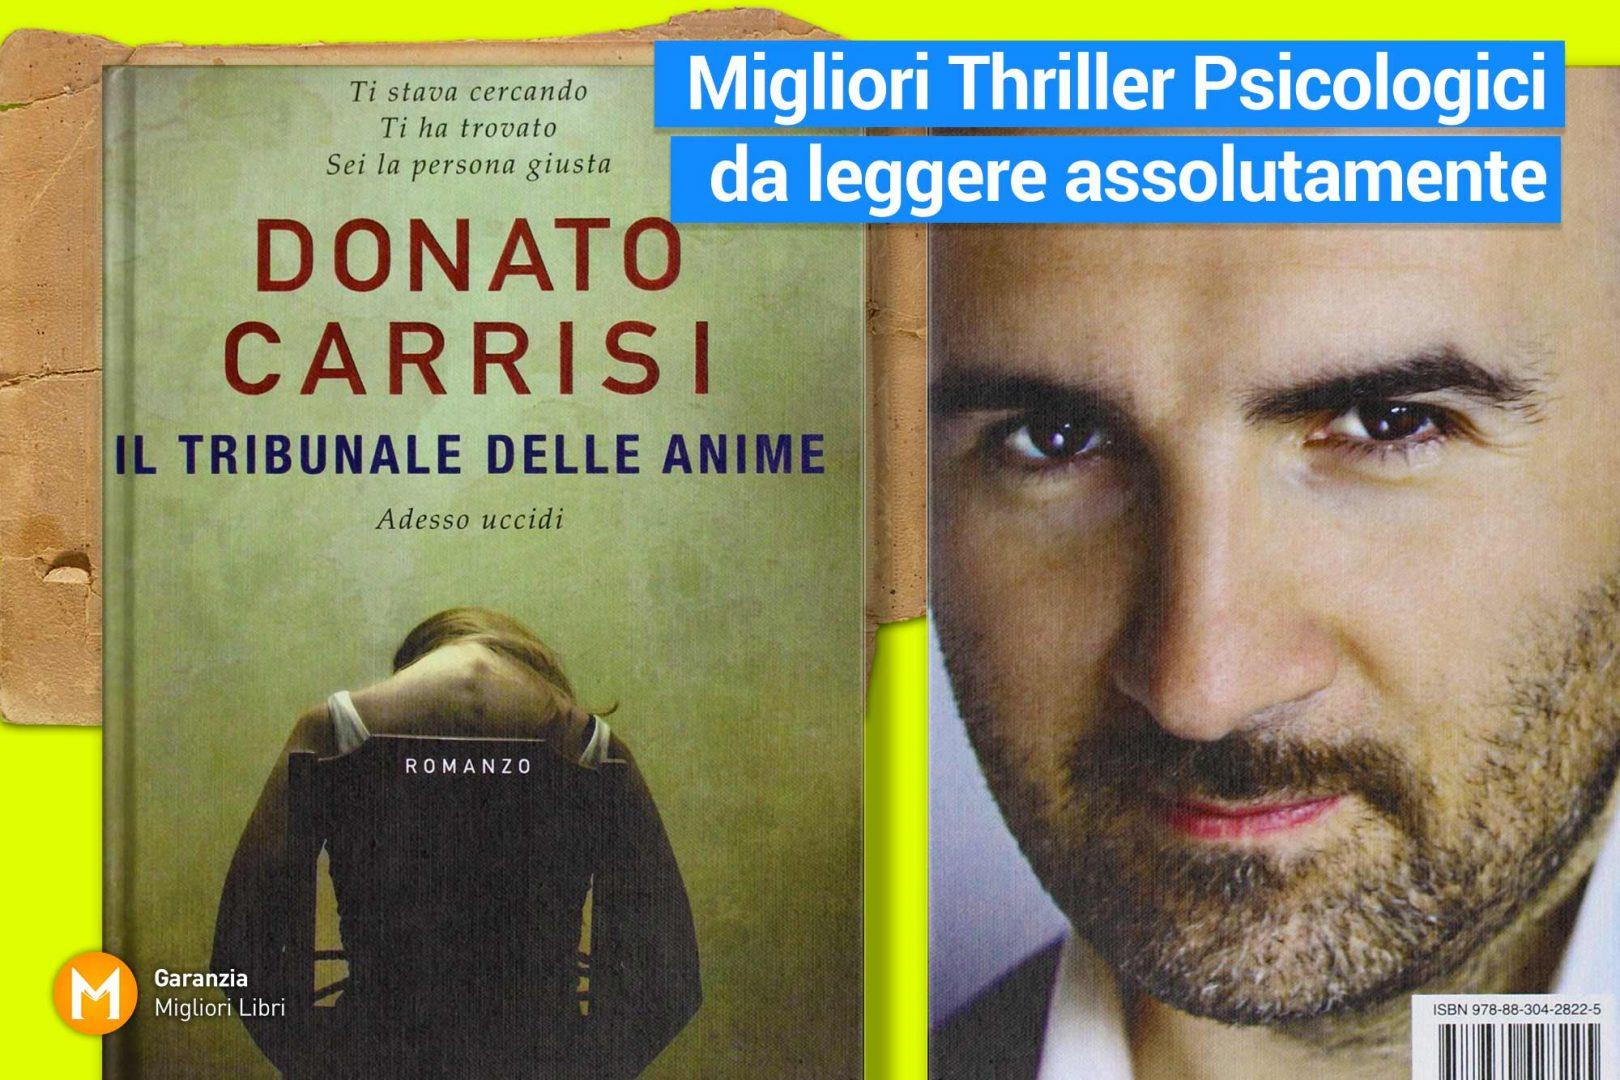 migliori-thriller-psicologici-donato-carrisi